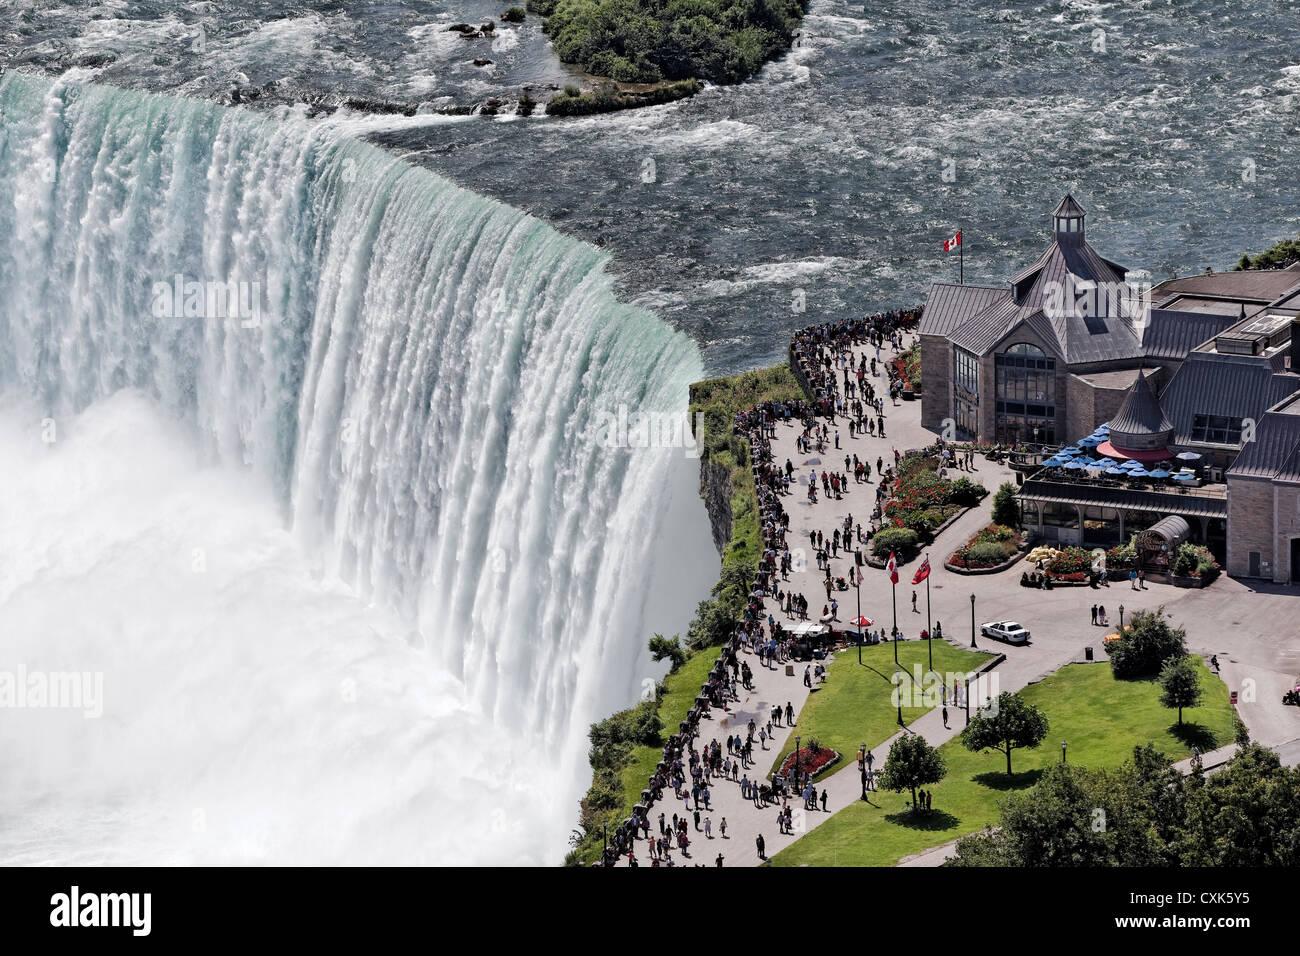 Las Cataratas de La Herradura en Niagara Falls, Ontario, Canadá Foto de stock